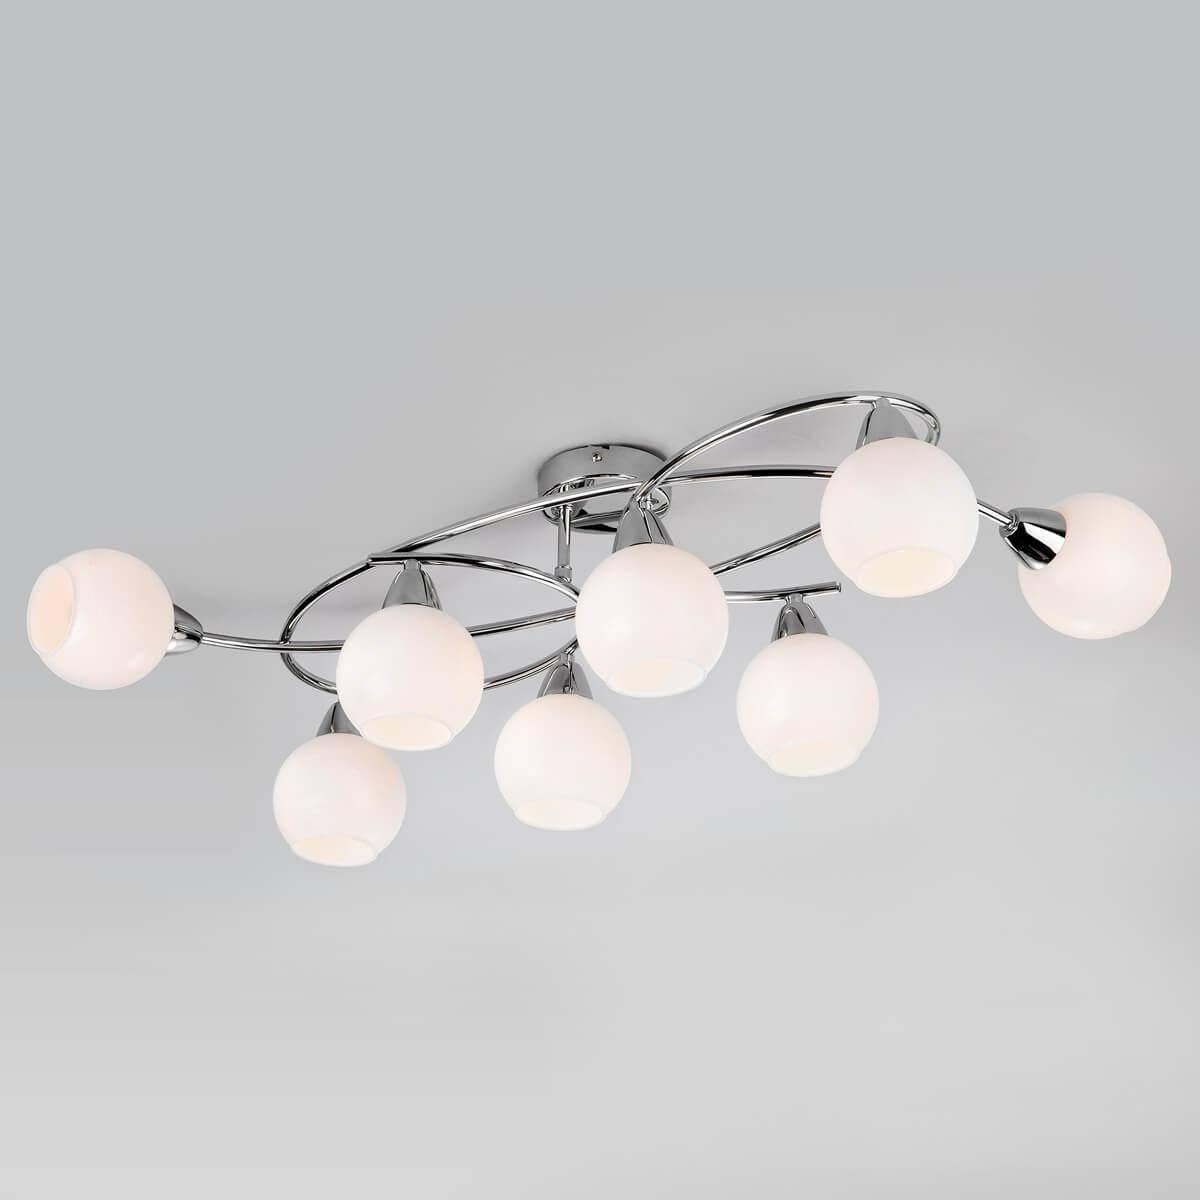 Потолочный светильник Eurosvet 30133/8 хром